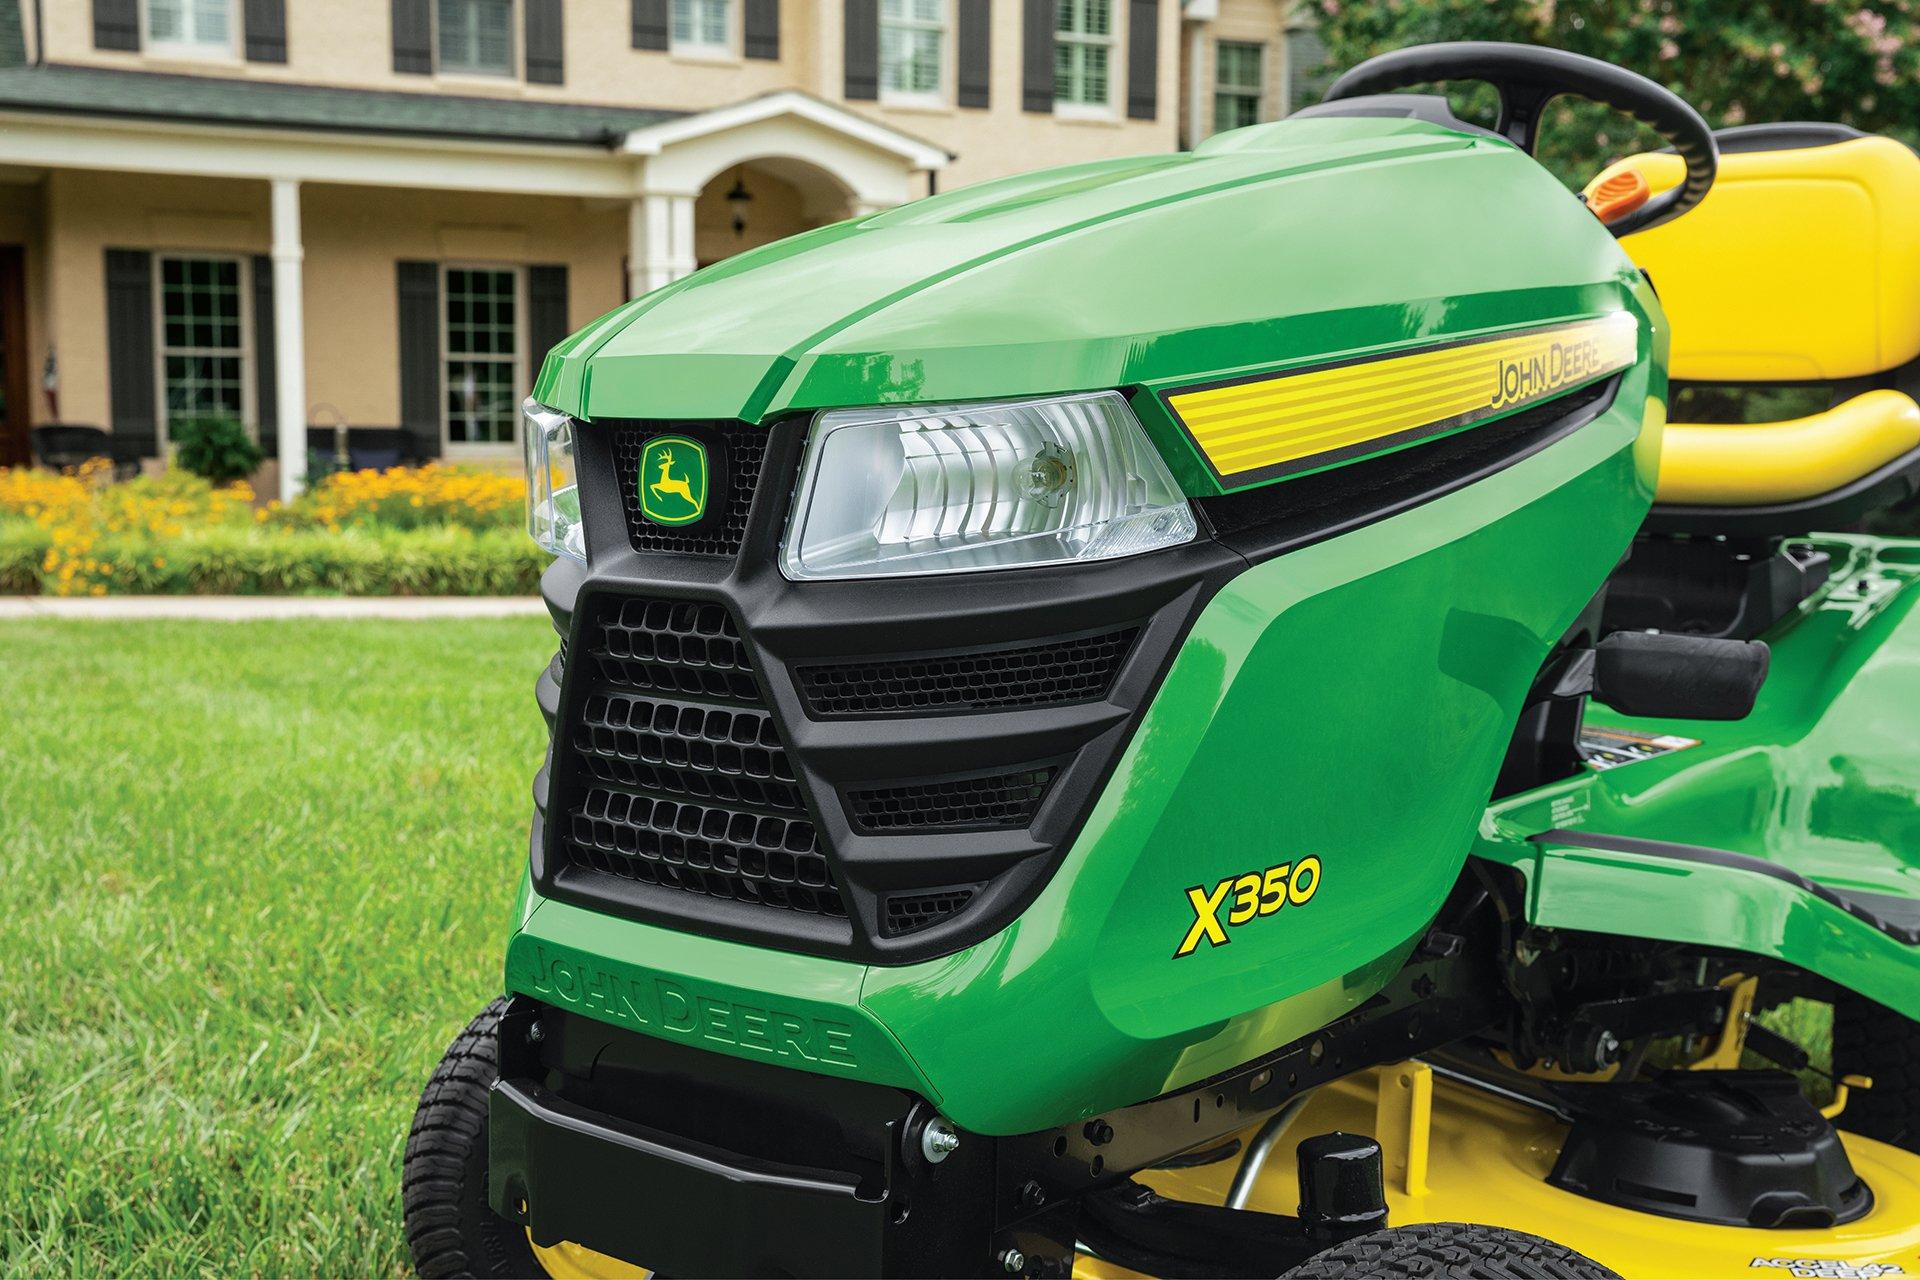 hurst-blog-lawn-mower-01